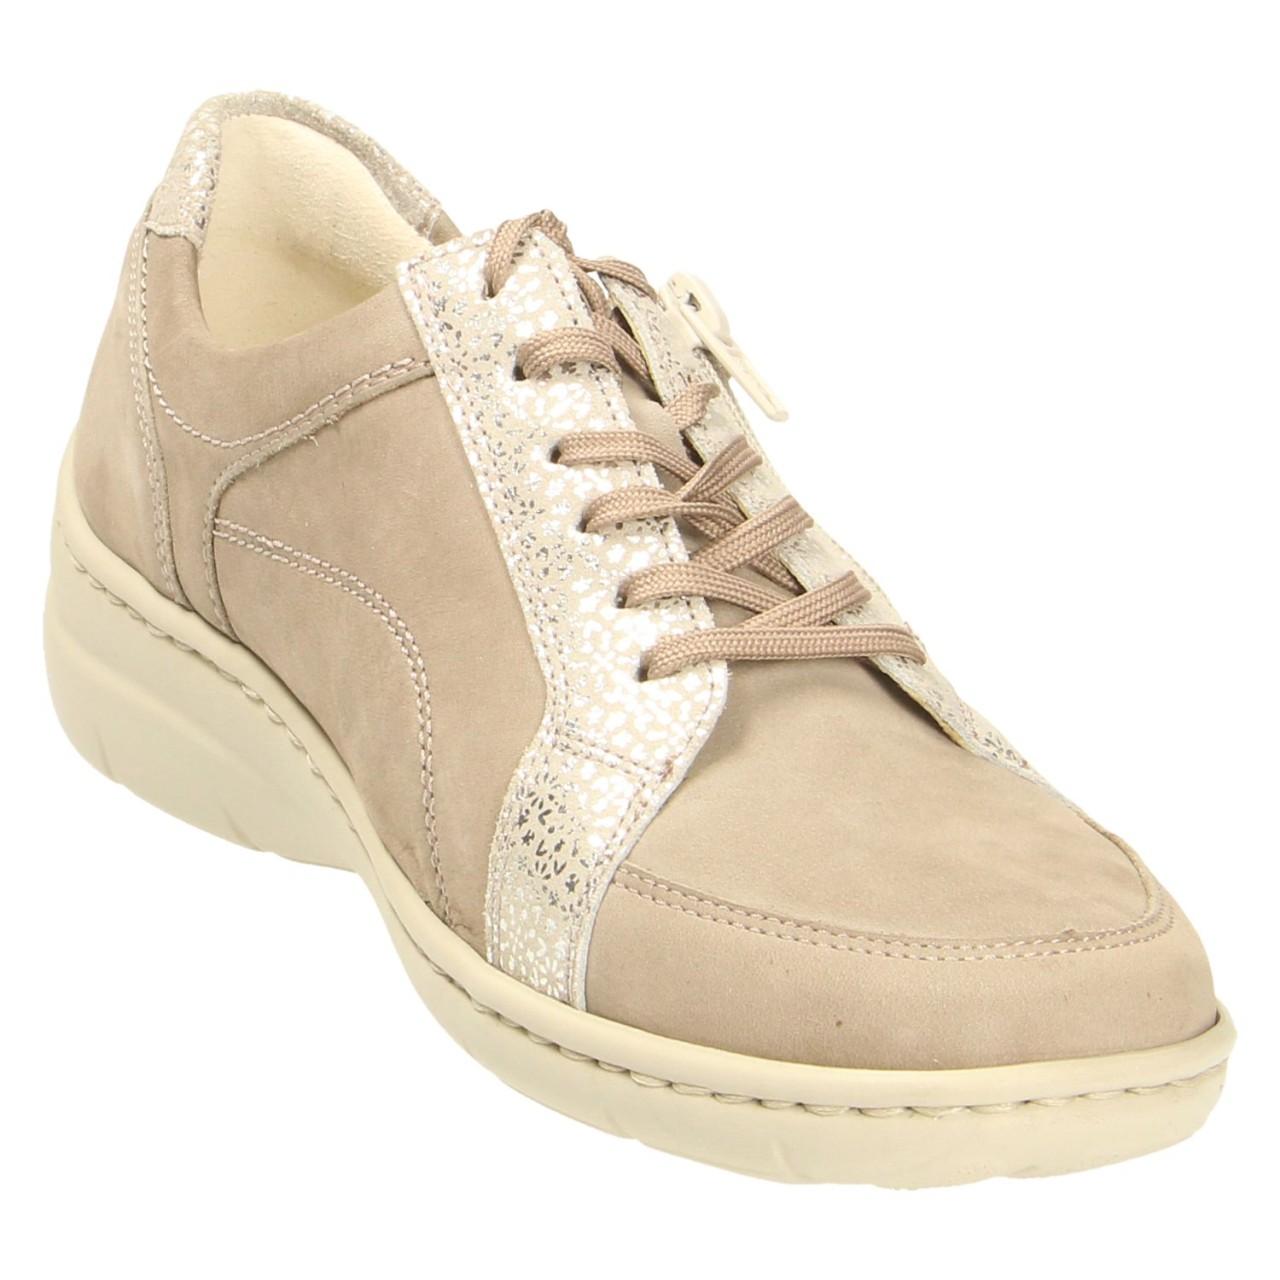 Waldl盲ufer beige beige Sneaker Sneaker beige beige Sneaker beige Waldl盲ufer Waldl盲ufer Waldl盲ufer Sneaker beige 6nqw7ICfZ